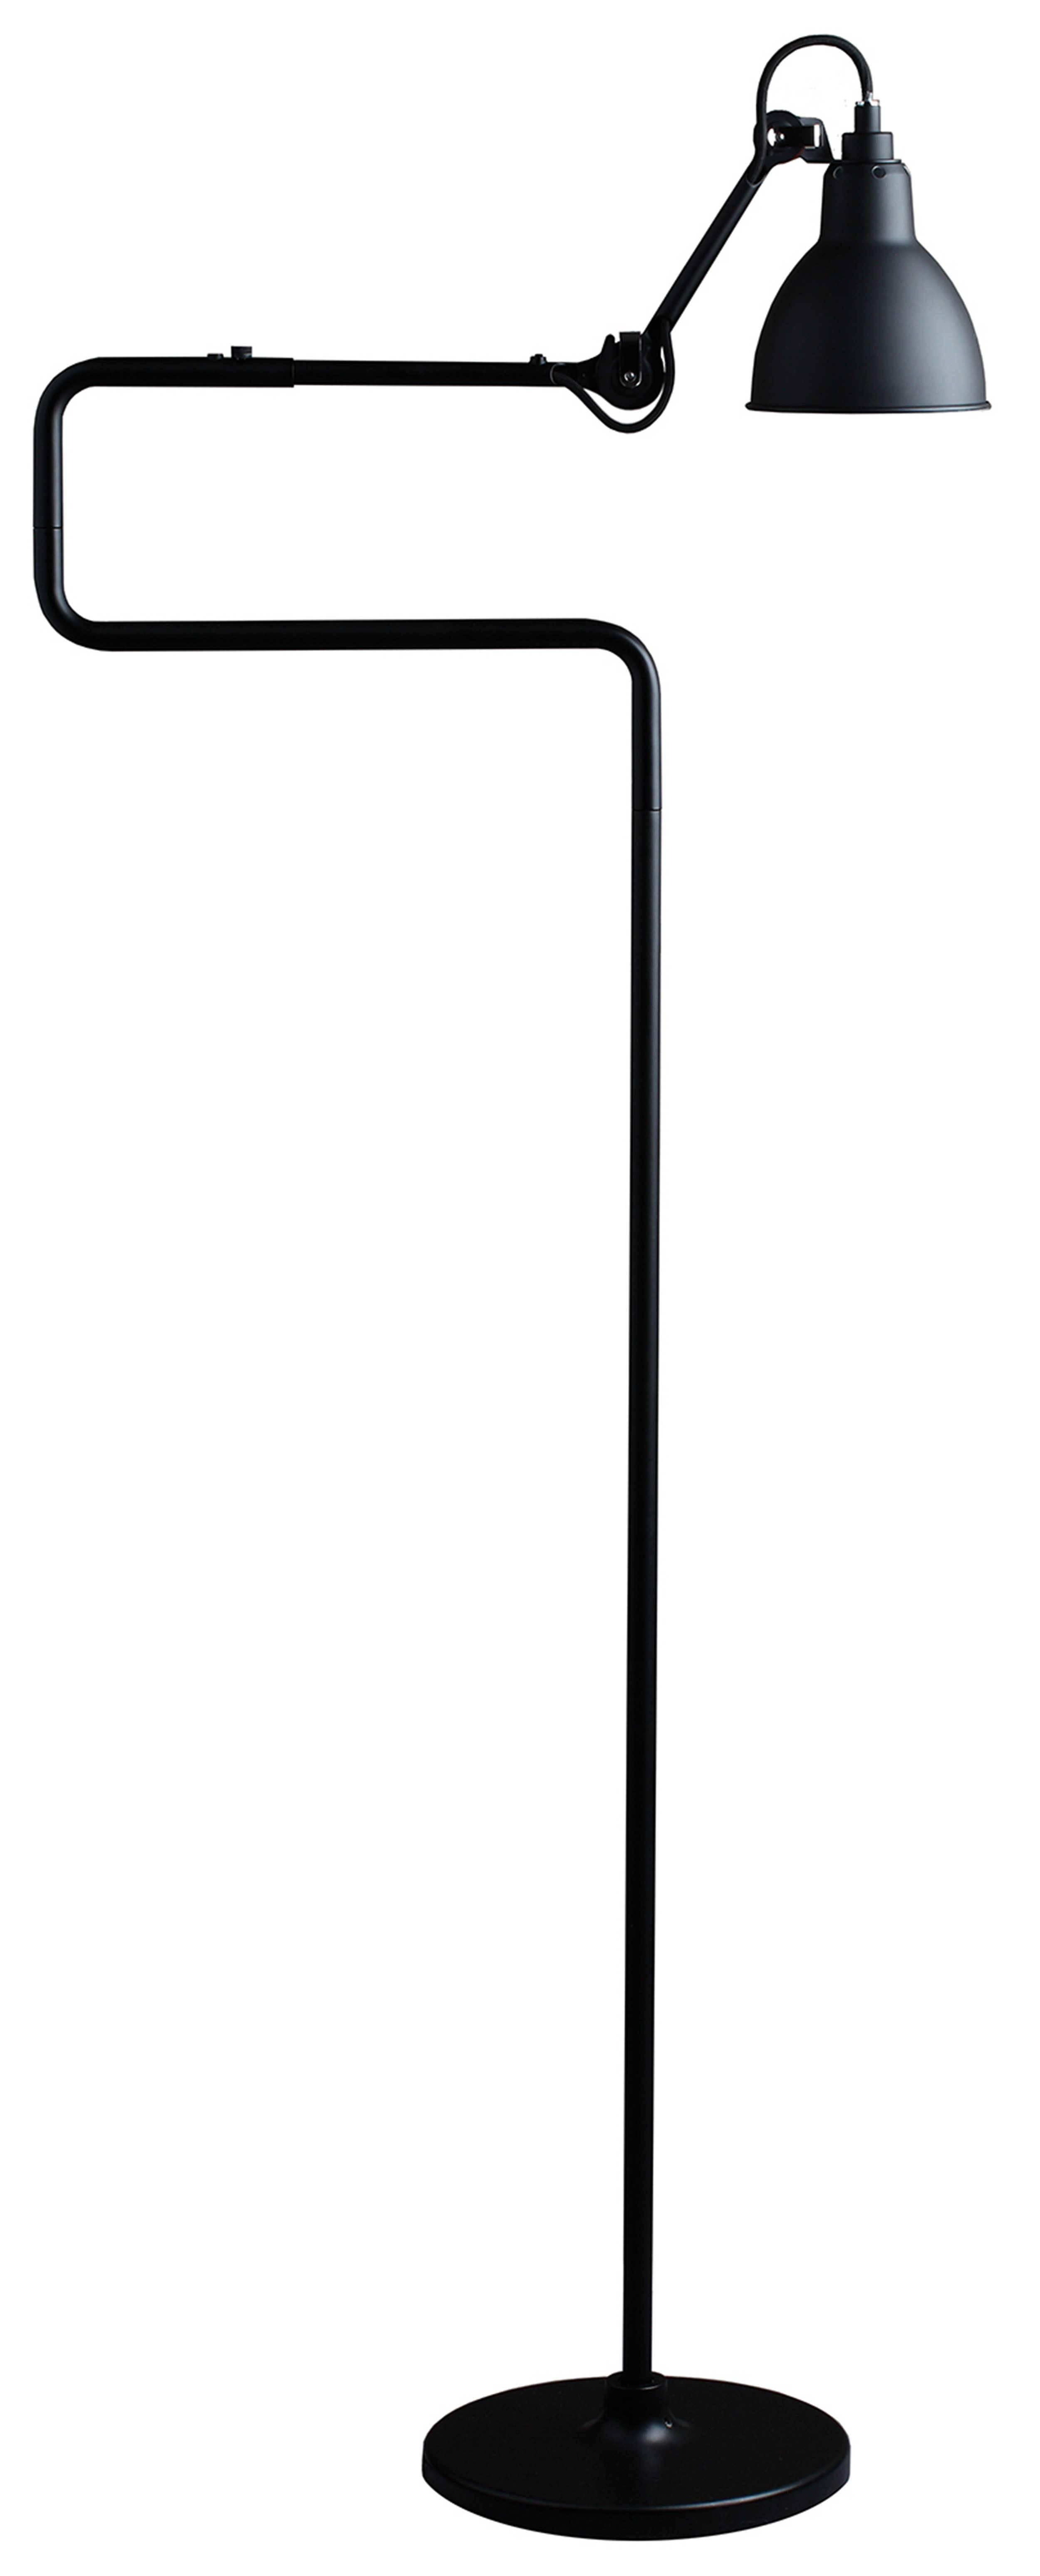 Den nye 411 standerlampe er lavet til nemt kunne svinges ind over et bord